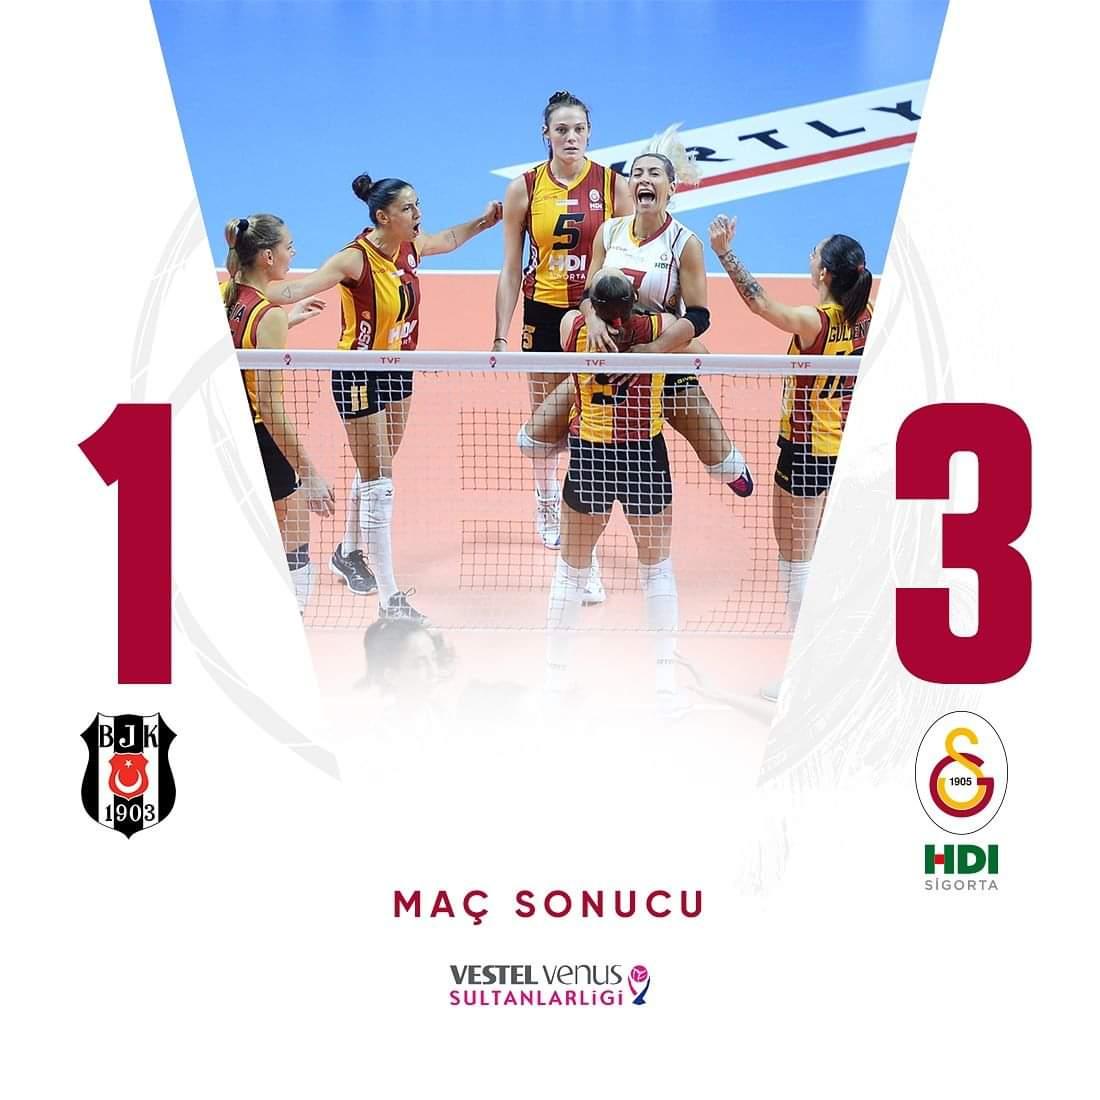 #gunaydin #SundayMotivation #dimanche #Galatasaray bir derbi daha 😀🏐♥💛